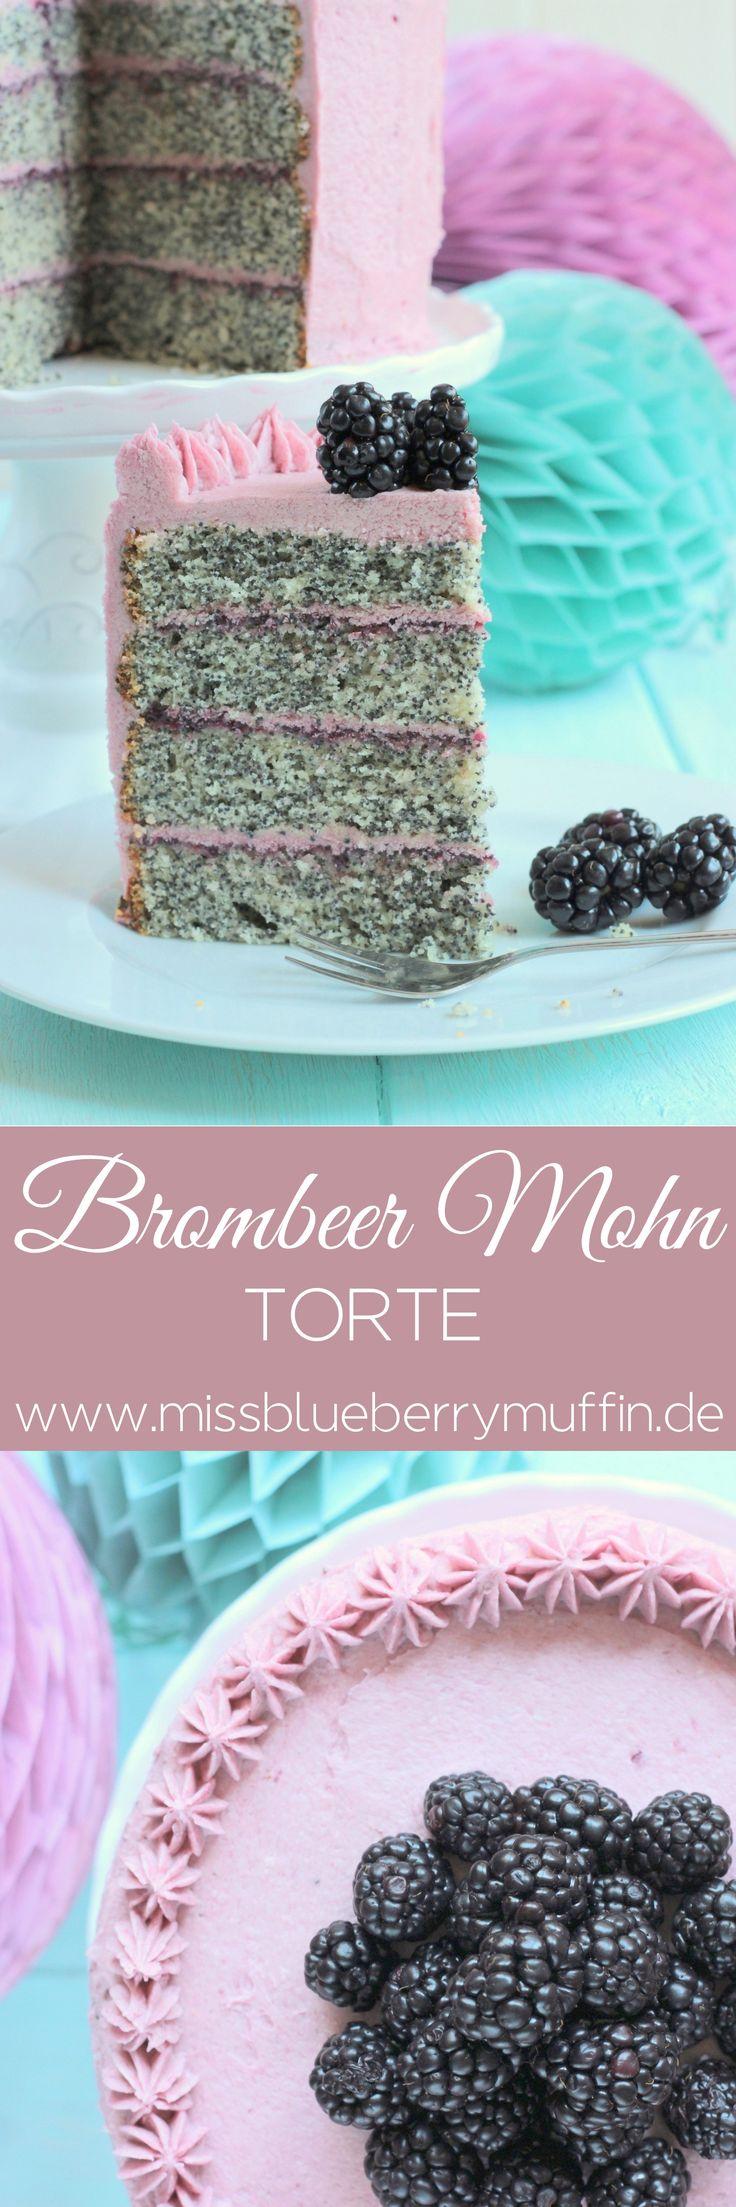 Zauberhafte Brombeer-Mohn-Torte mit Pudding-Buttercreme. Eine ausgefallene Idee…